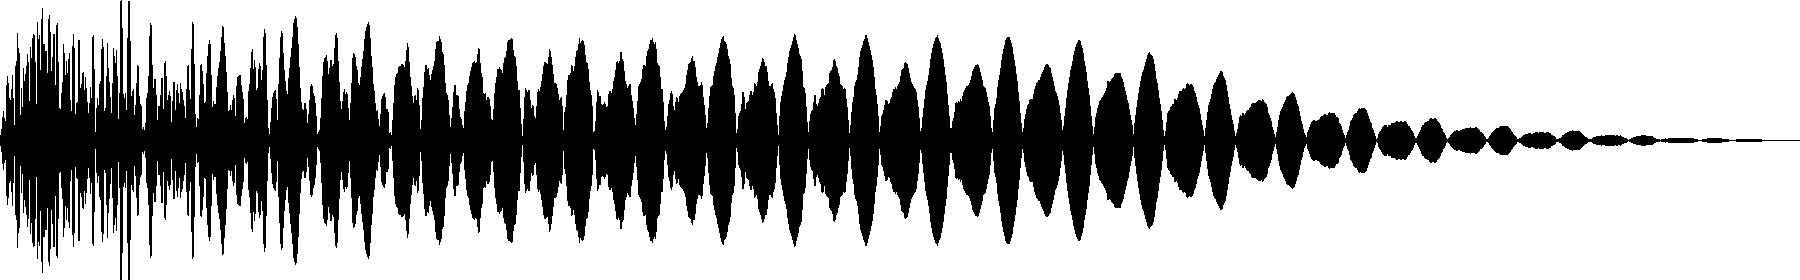 vedh bass cut 057 a